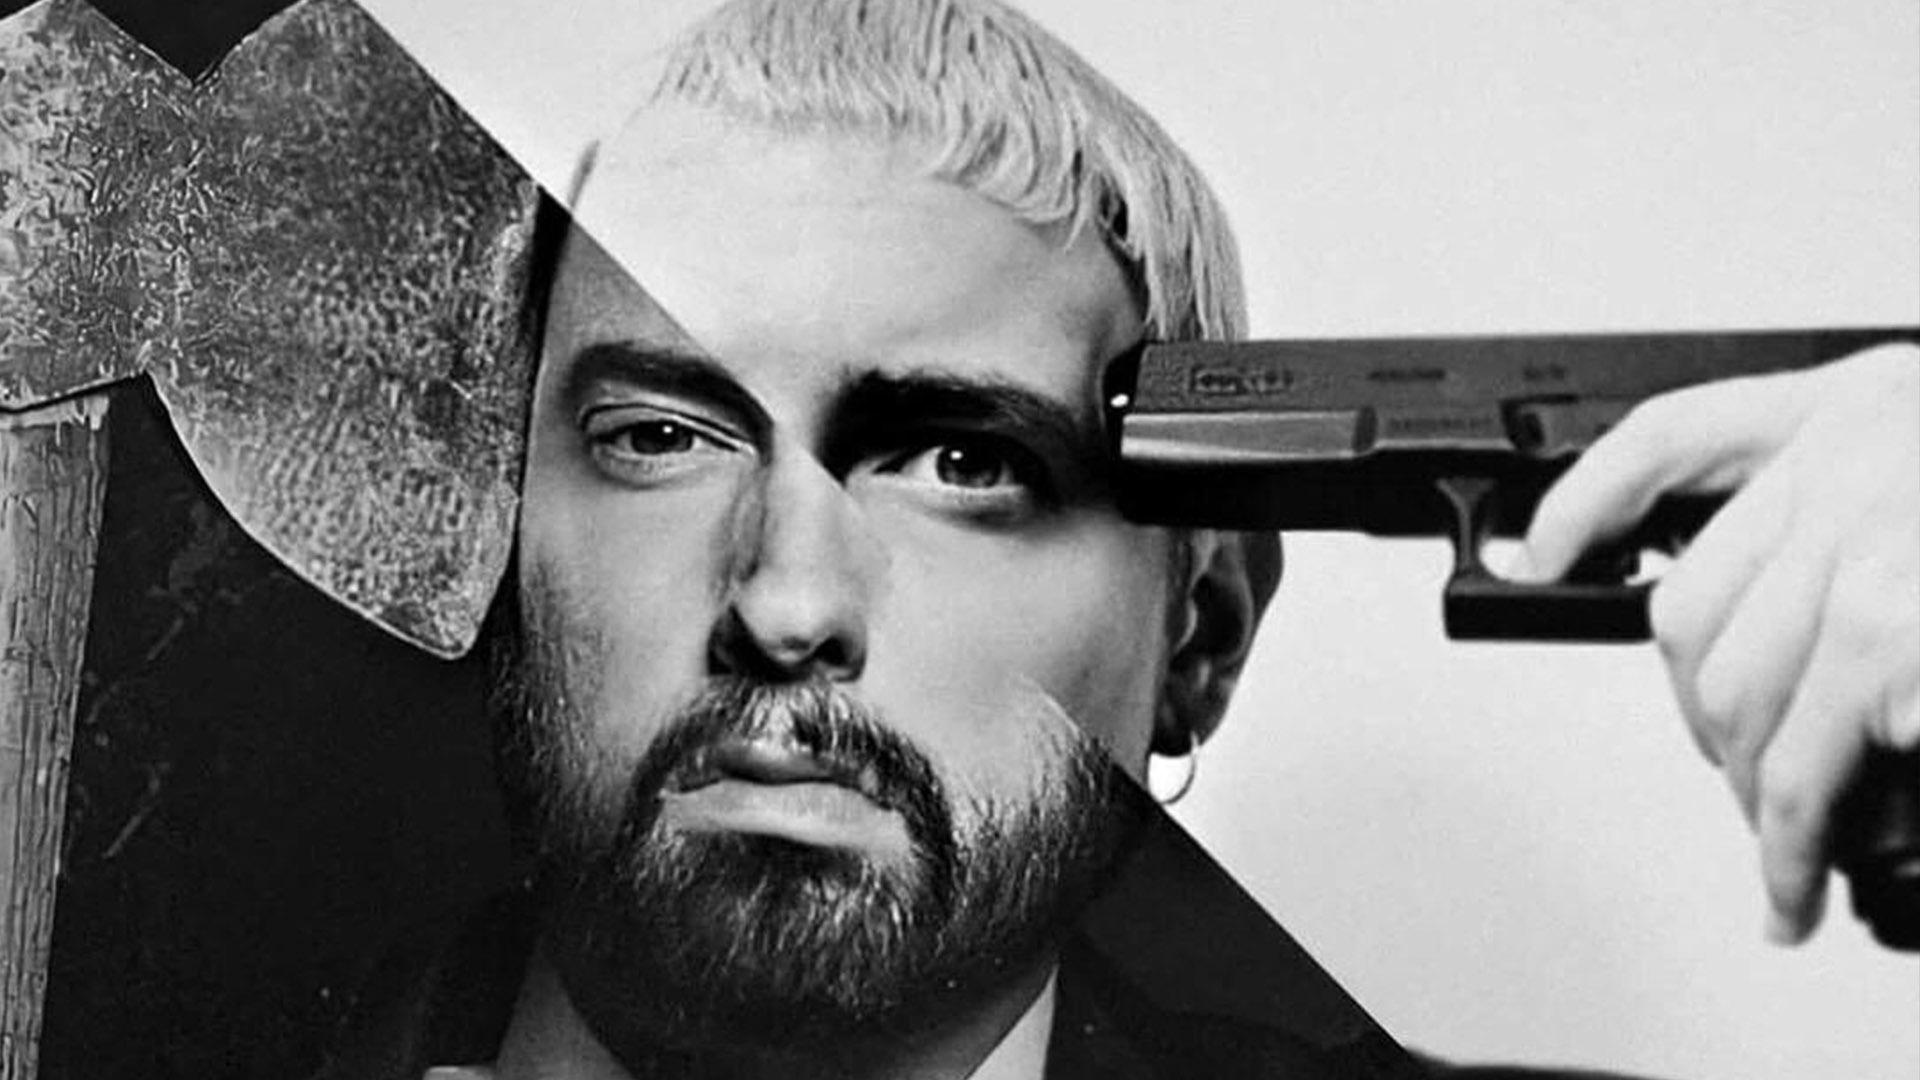 Неизбежно: Eminem и его новый альбом «Music To To Murdered By» готовы к историческому дебюту на Billboard 200!